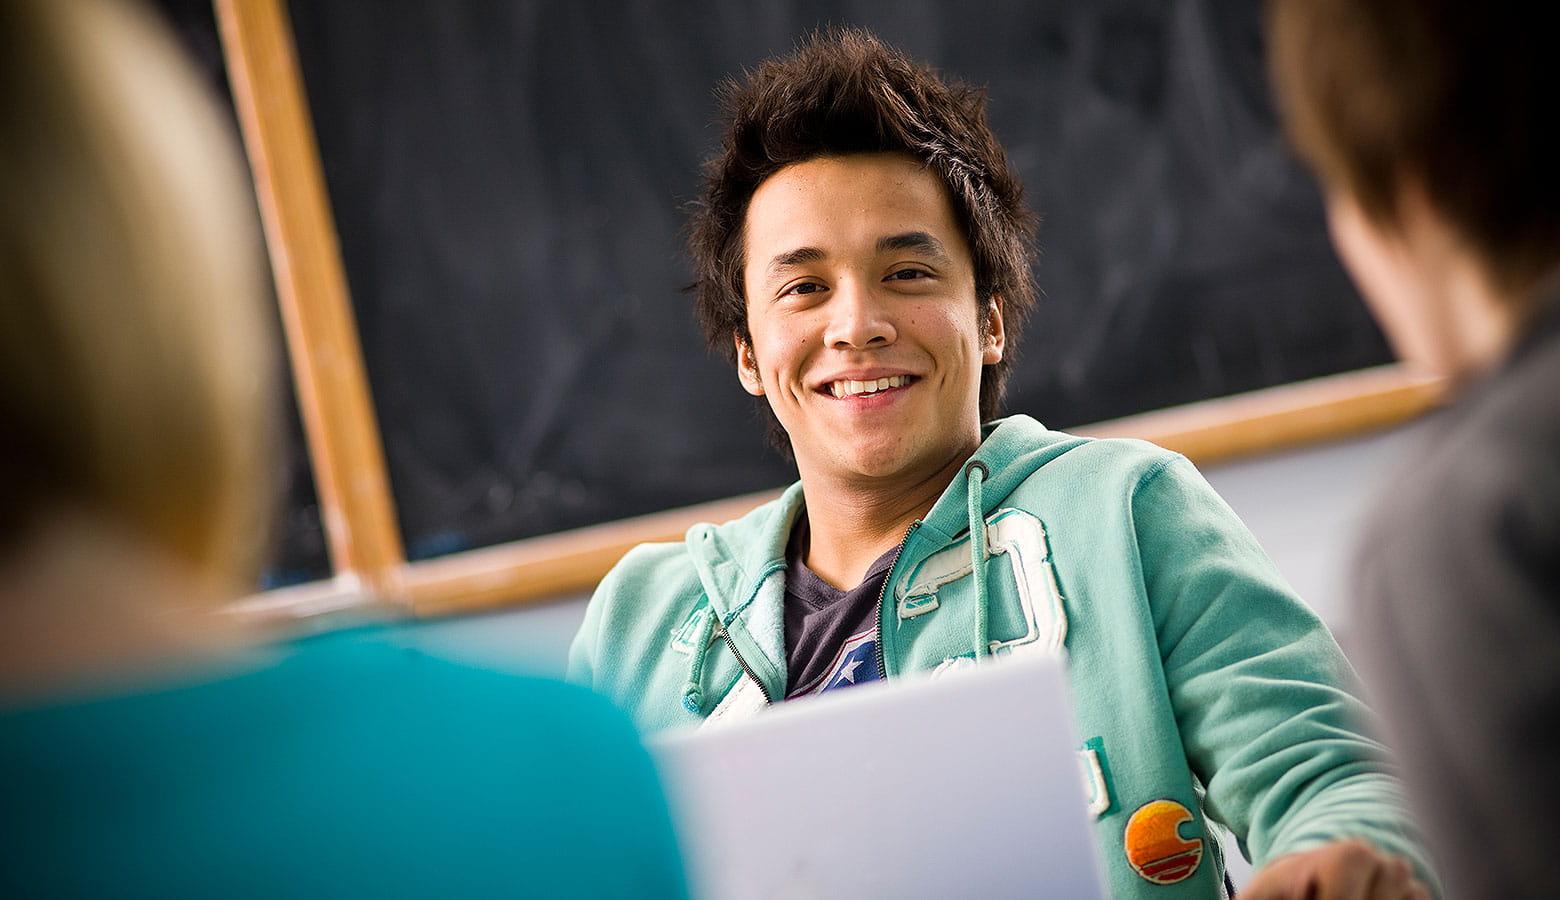 Schüler lernt mit seinem Laptop im Klassenraum